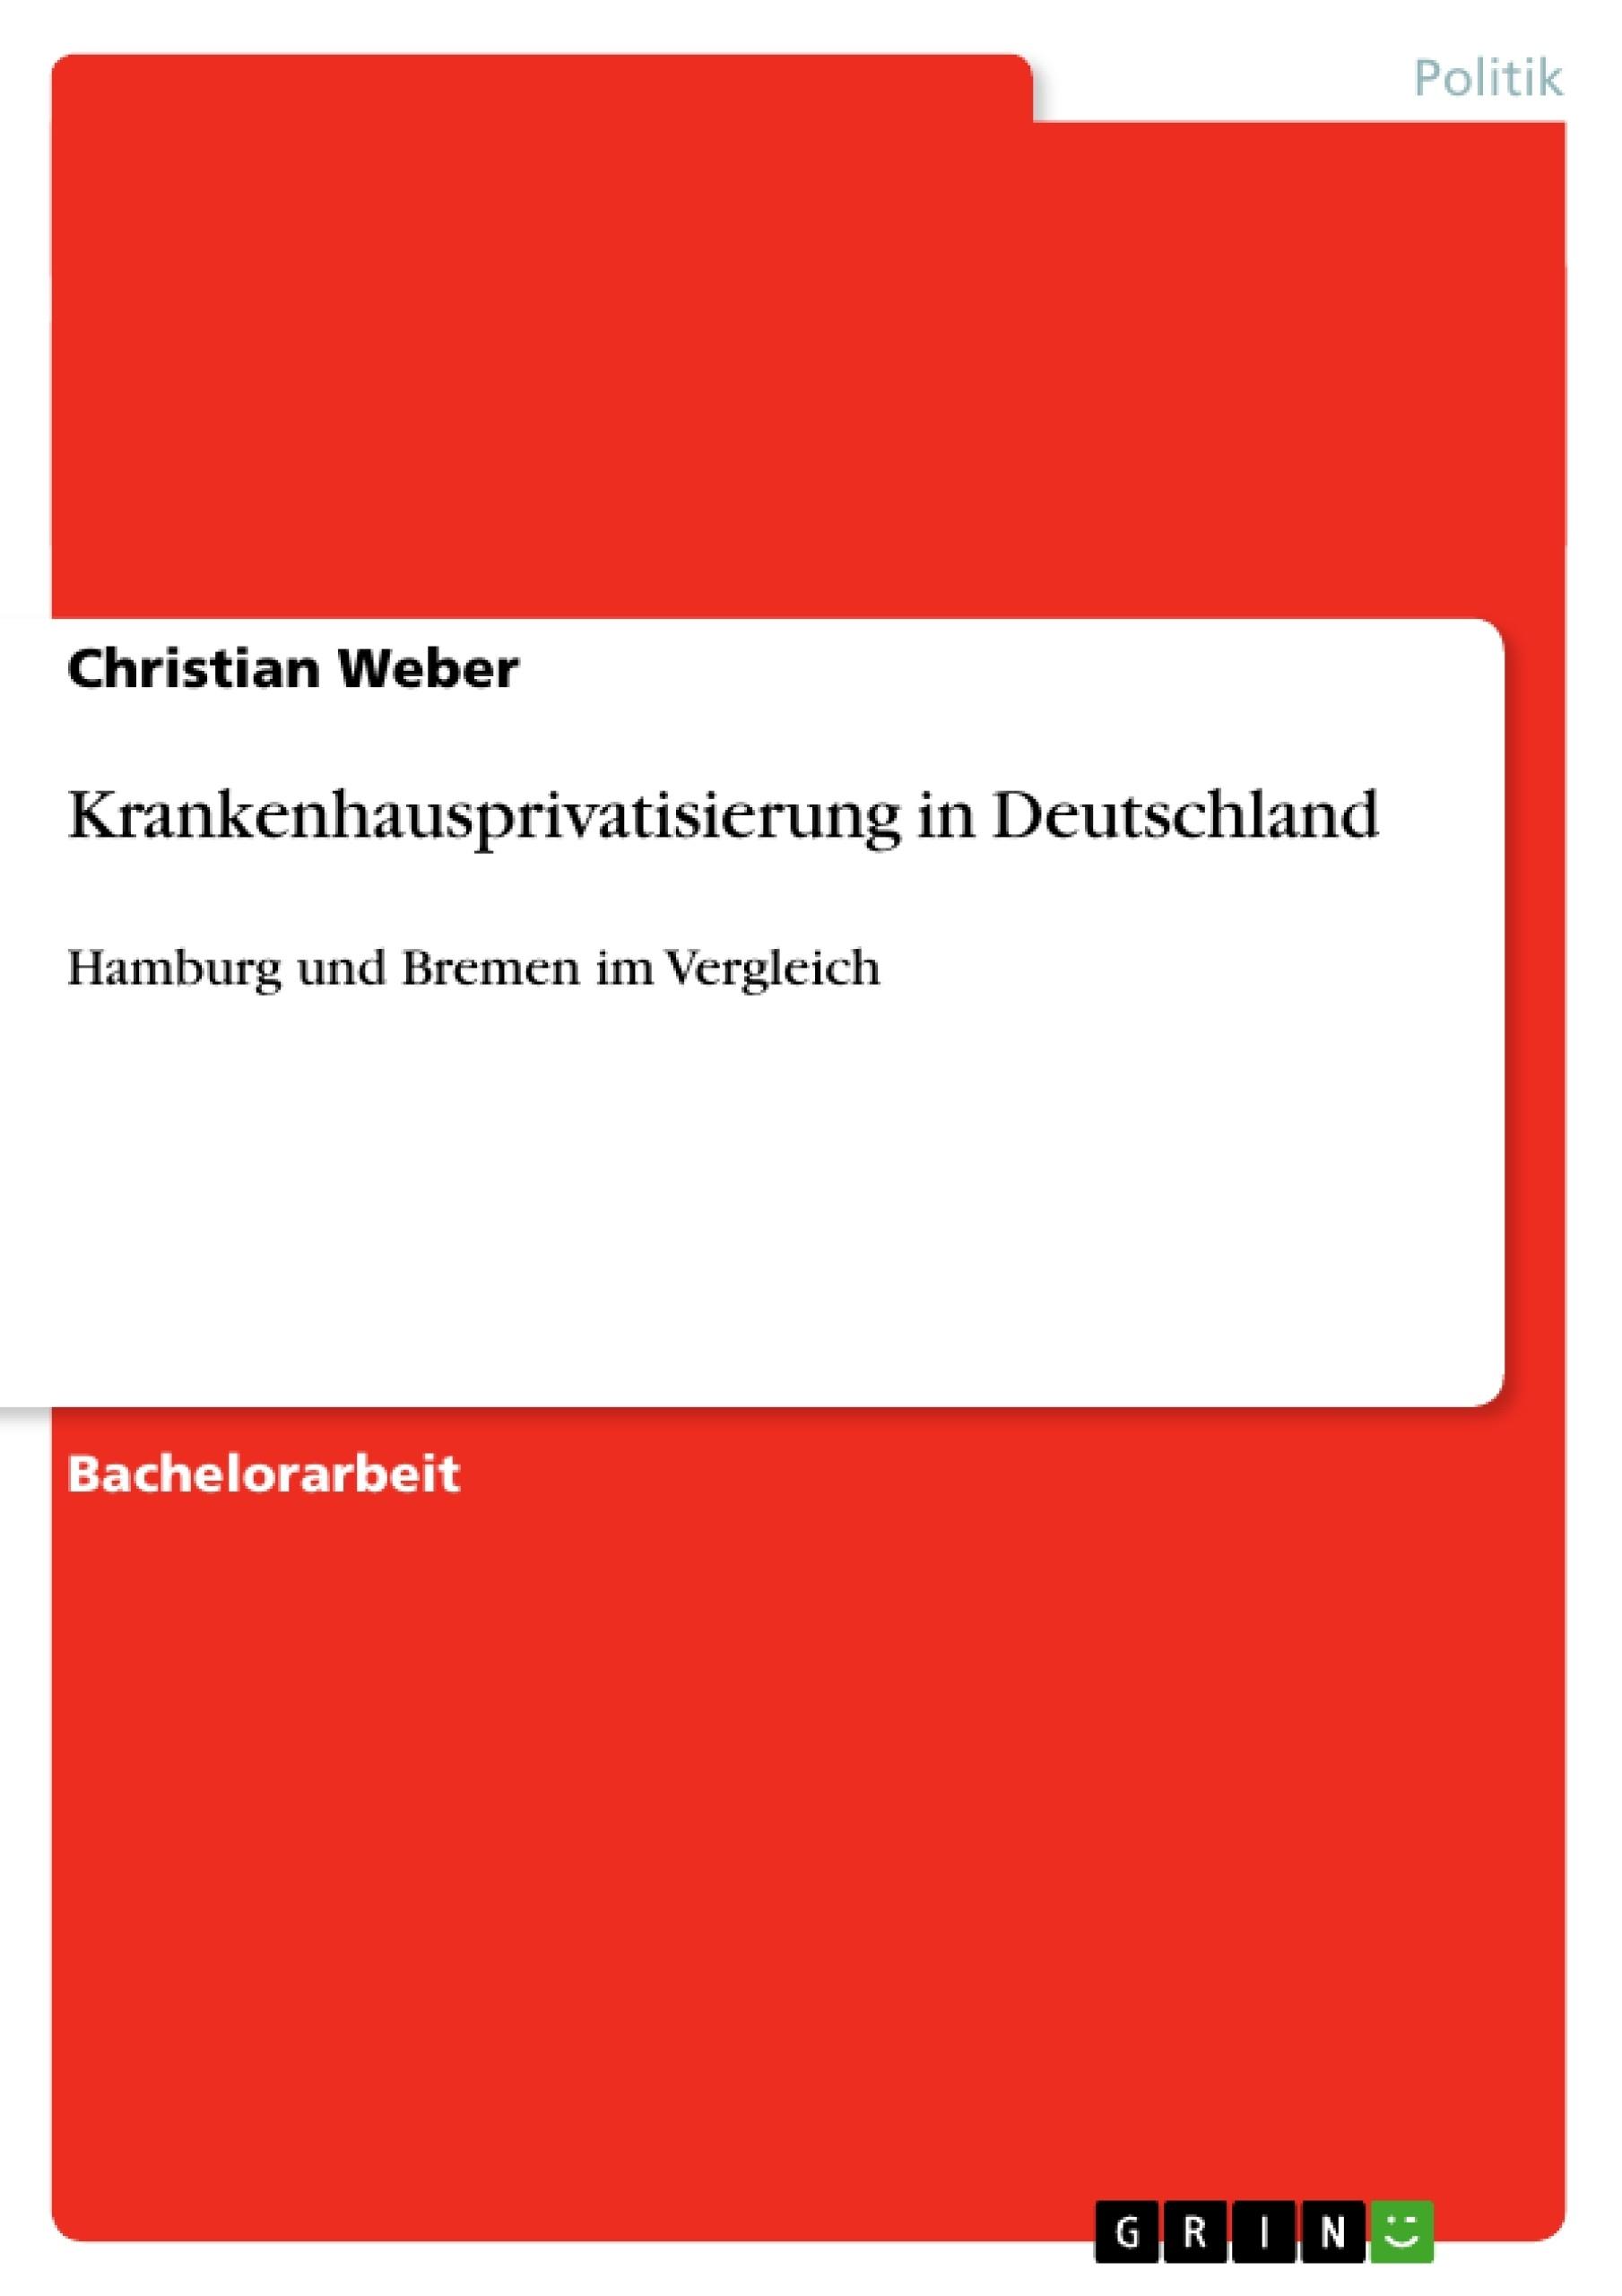 Titel: Krankenhausprivatisierung in Deutschland